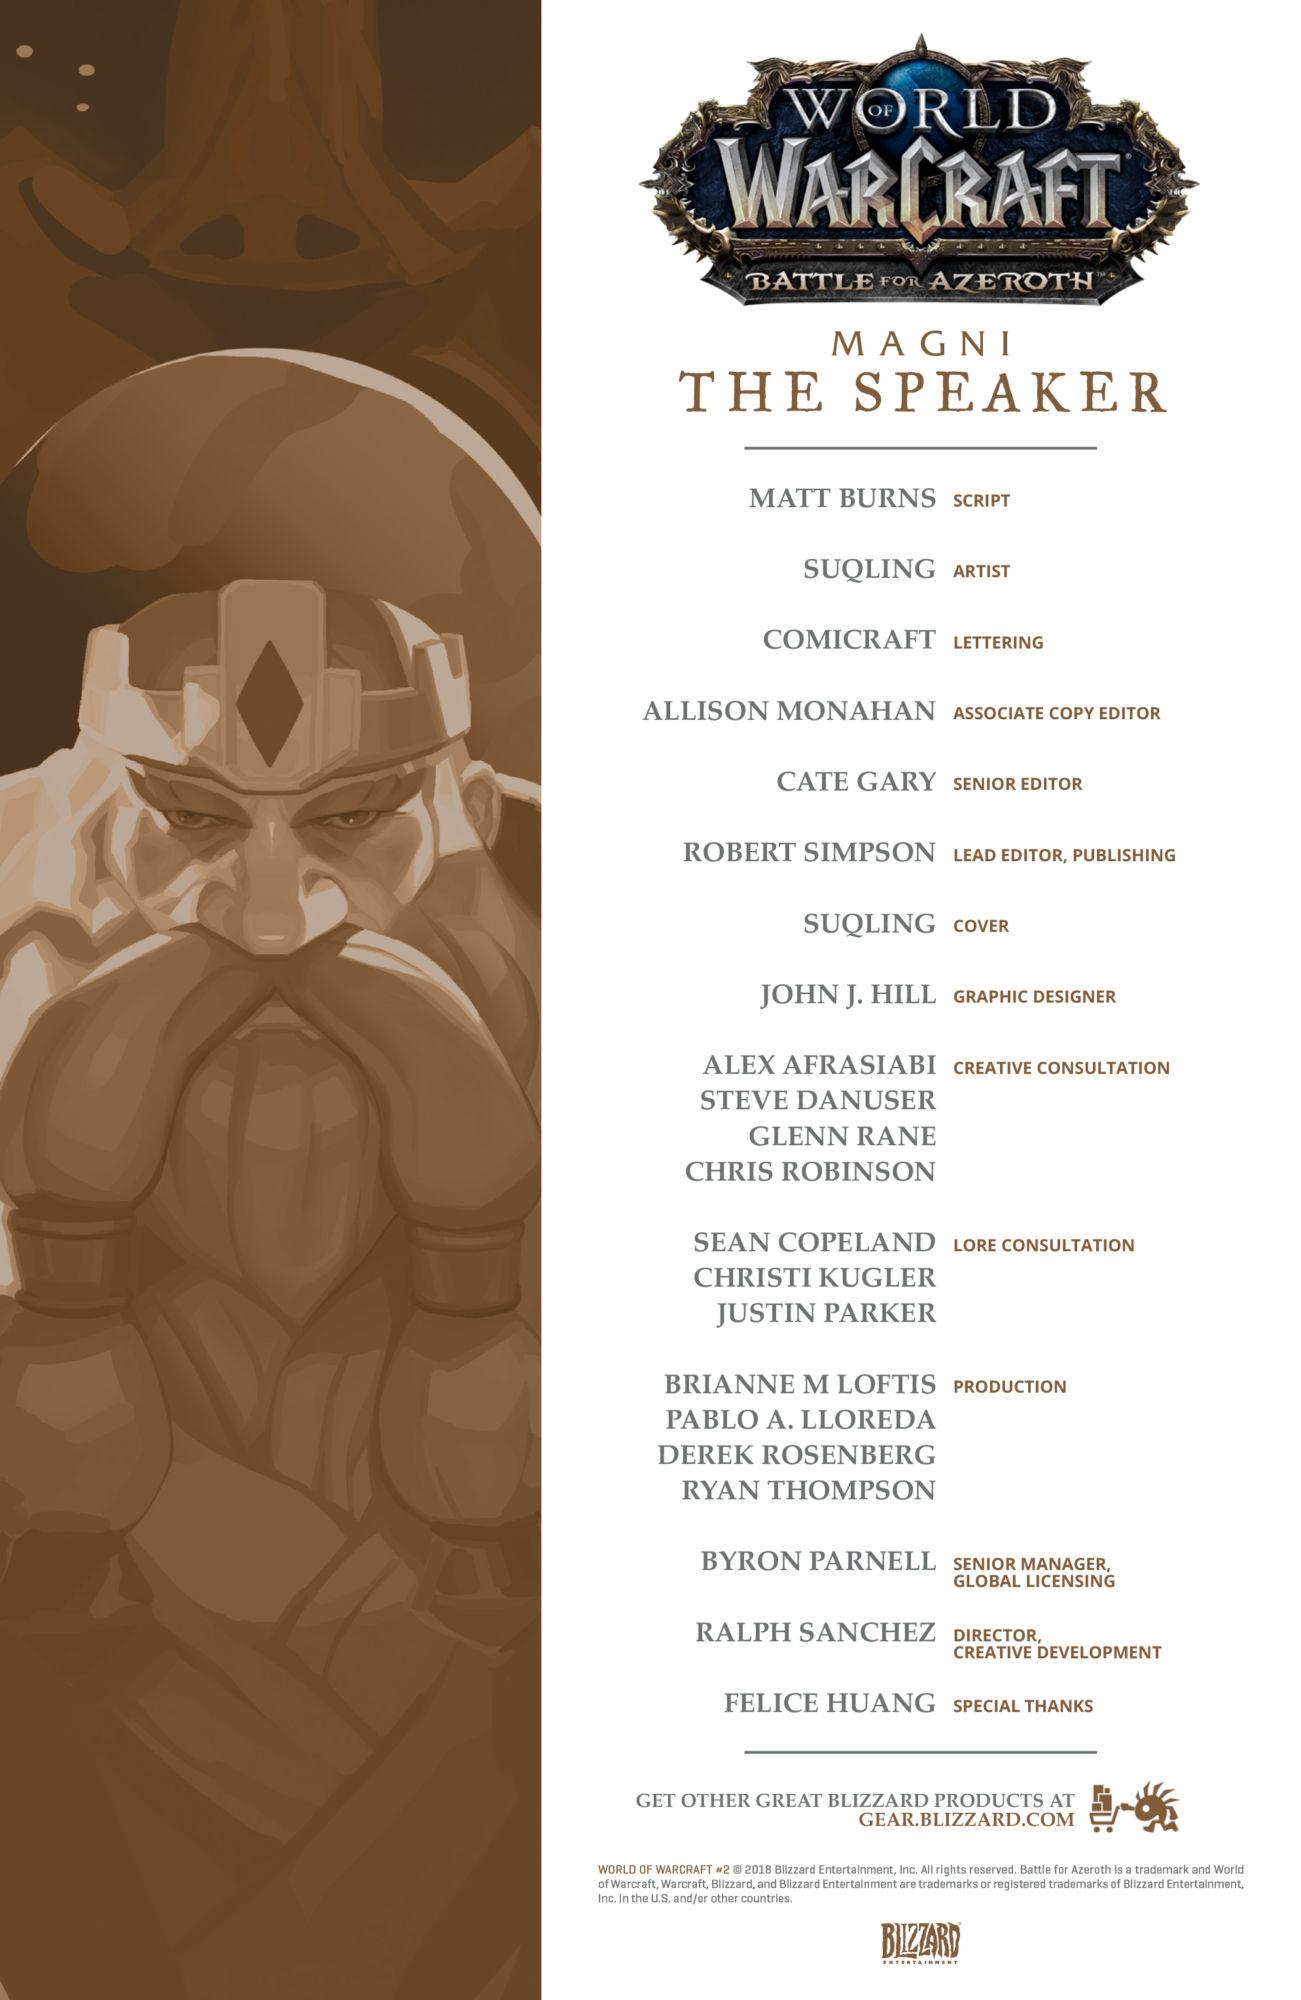 WoW_Magni-The-Speaker_EN-Credits.jpg#mai